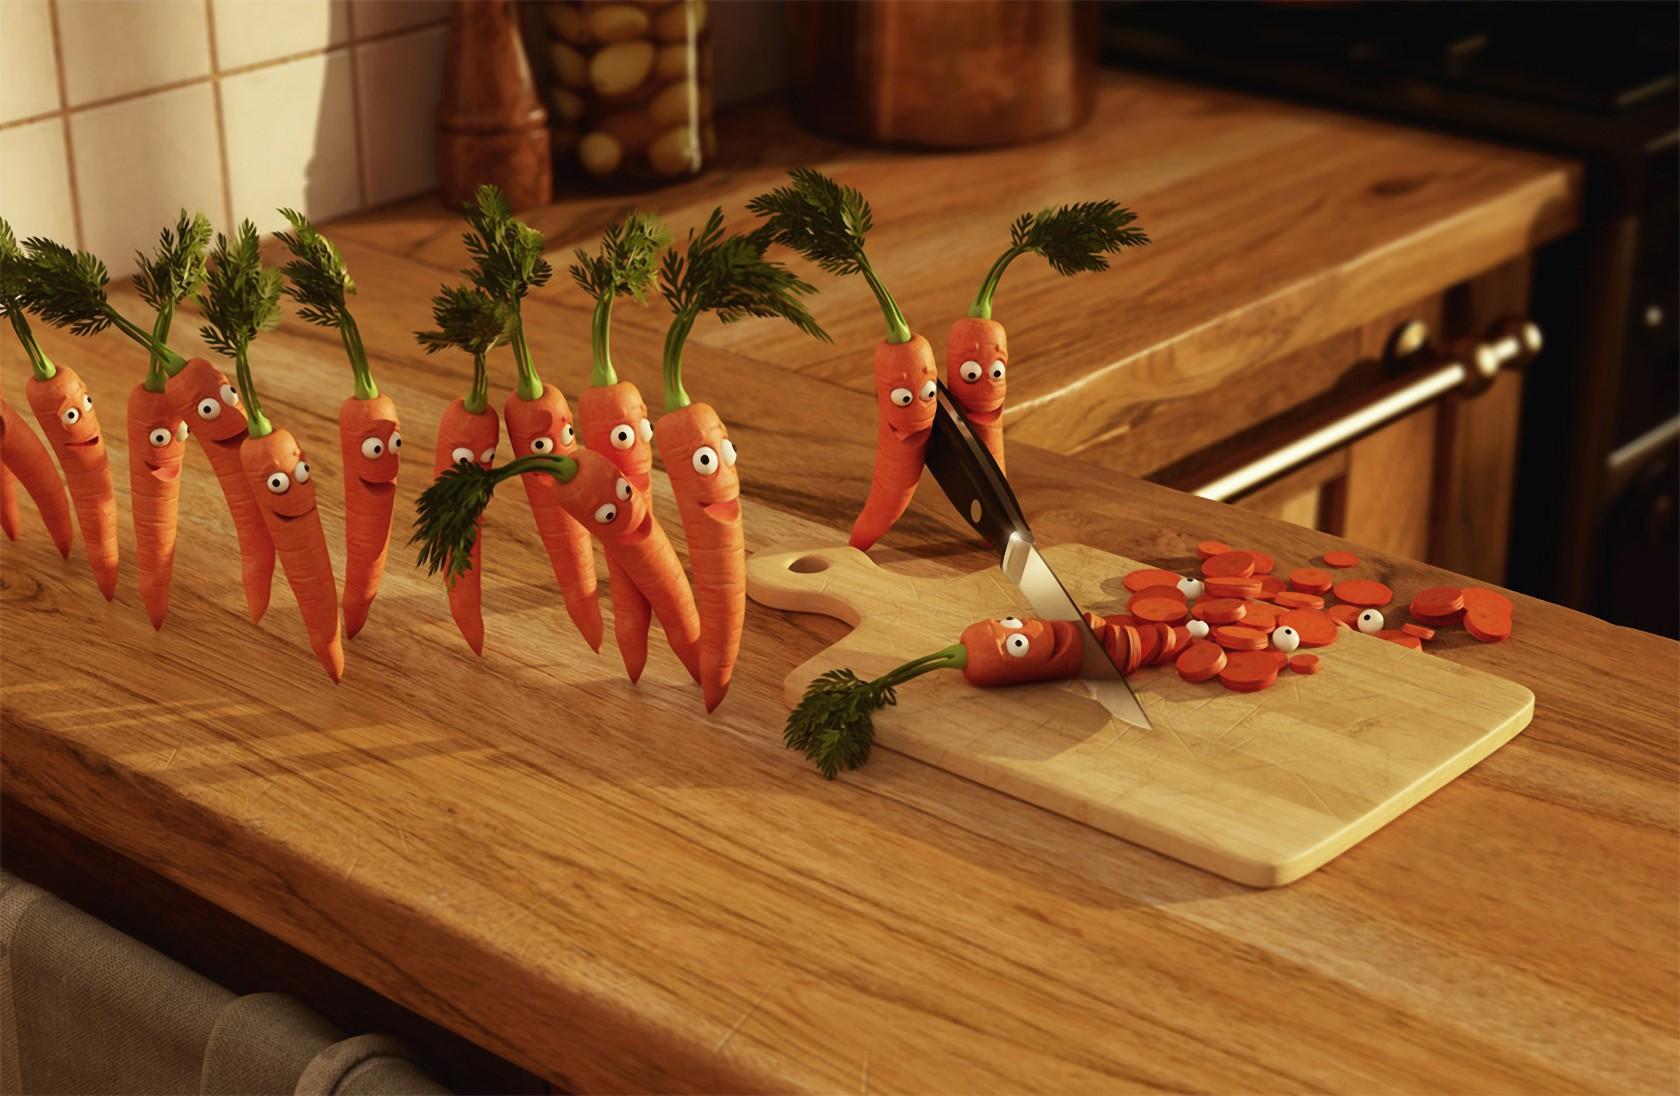 Вас люблю, смешные картинки для кухни